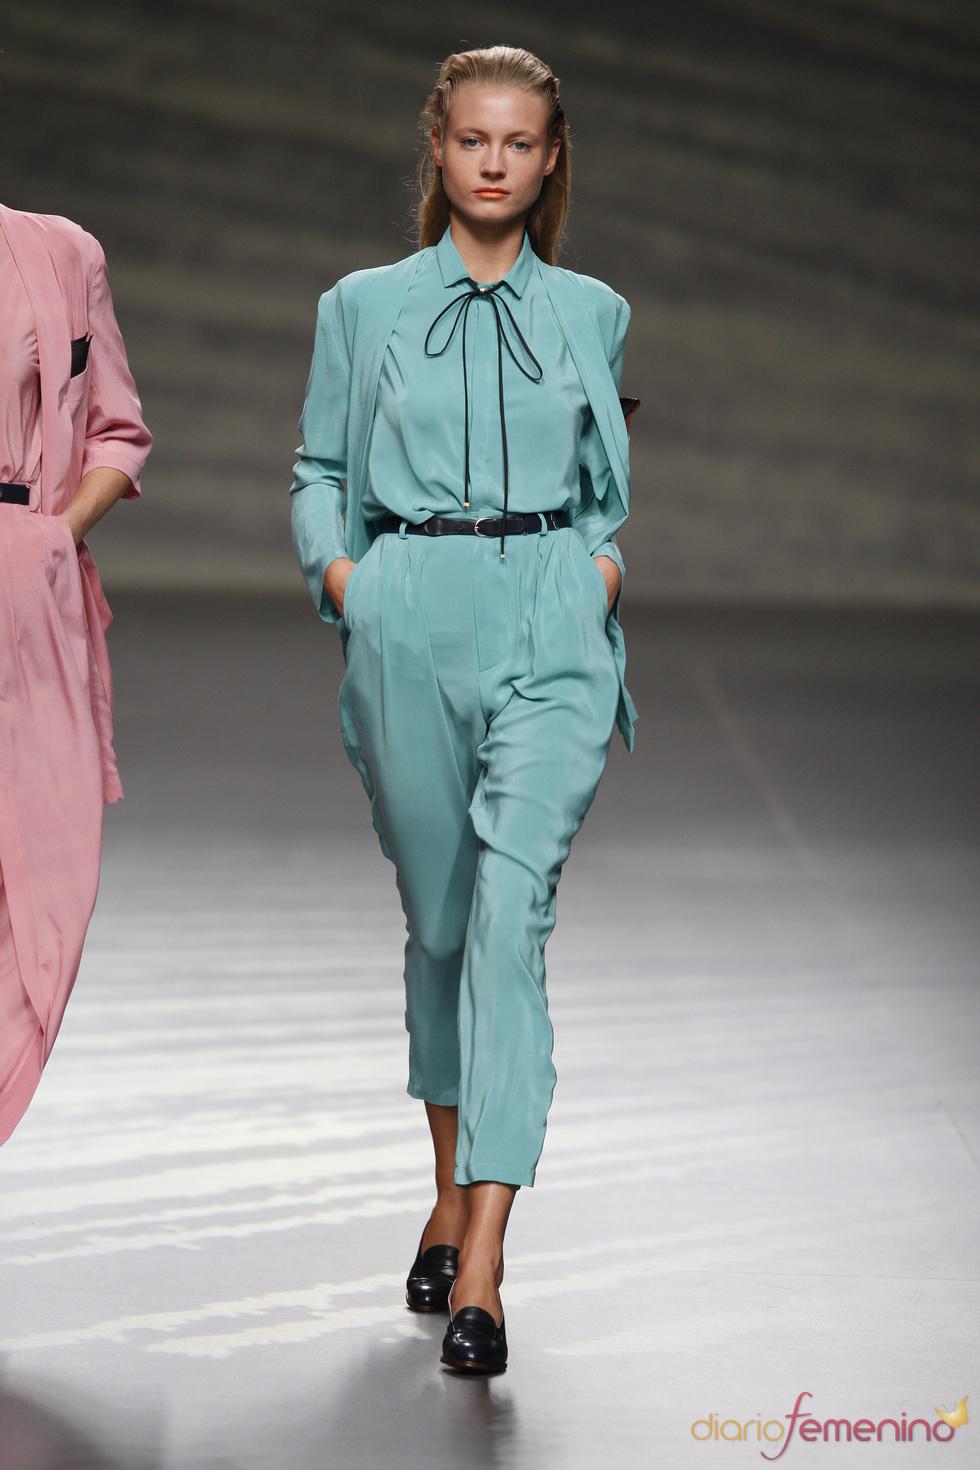 Ligero traje de chaqueta turquesa diseñado por Martin Lamothe